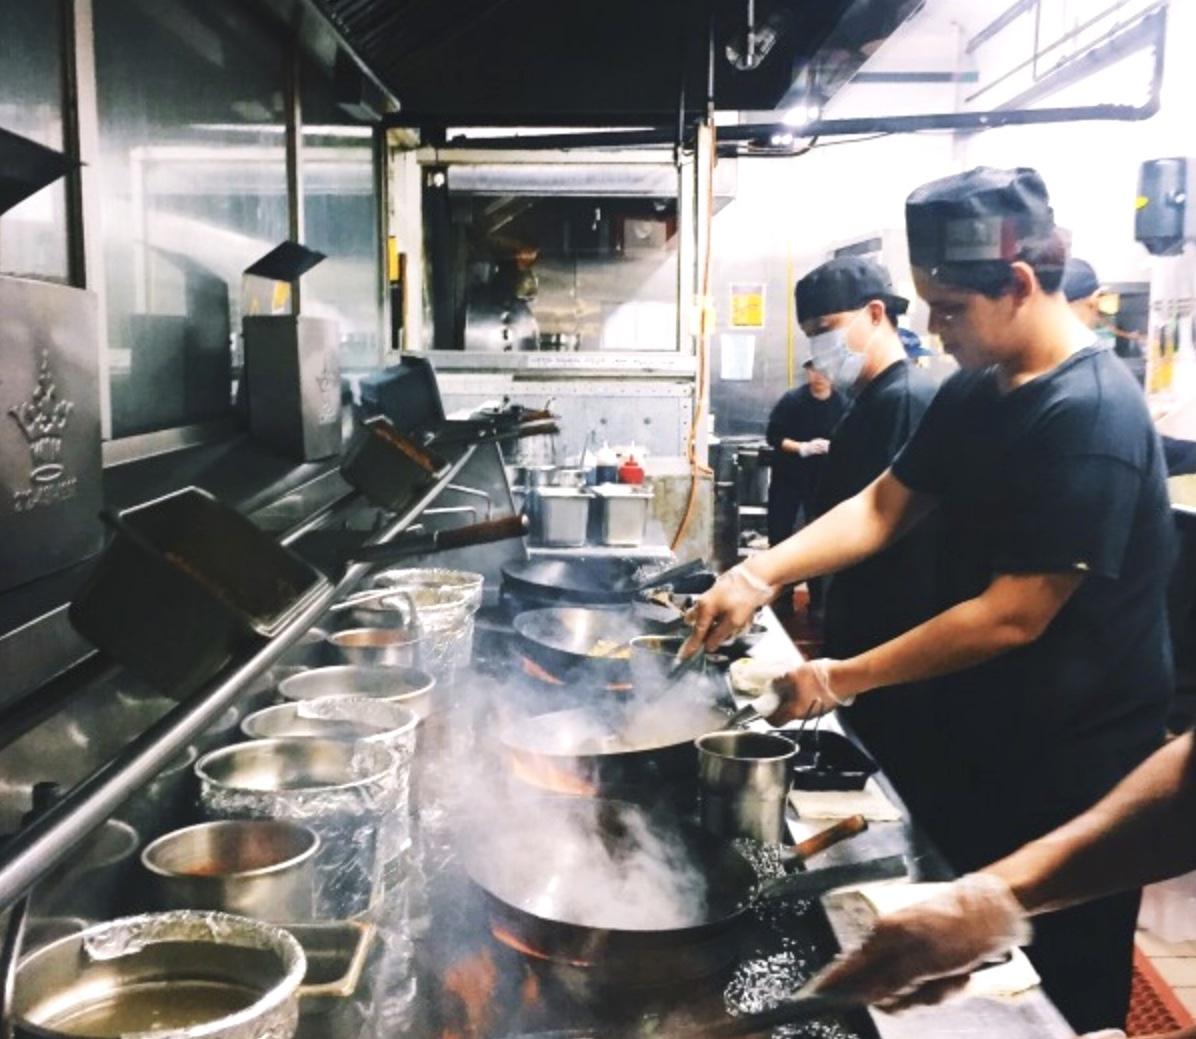 Trabajadores de Restaurantes reciben mas de $2 Millones en Pagos Debidos